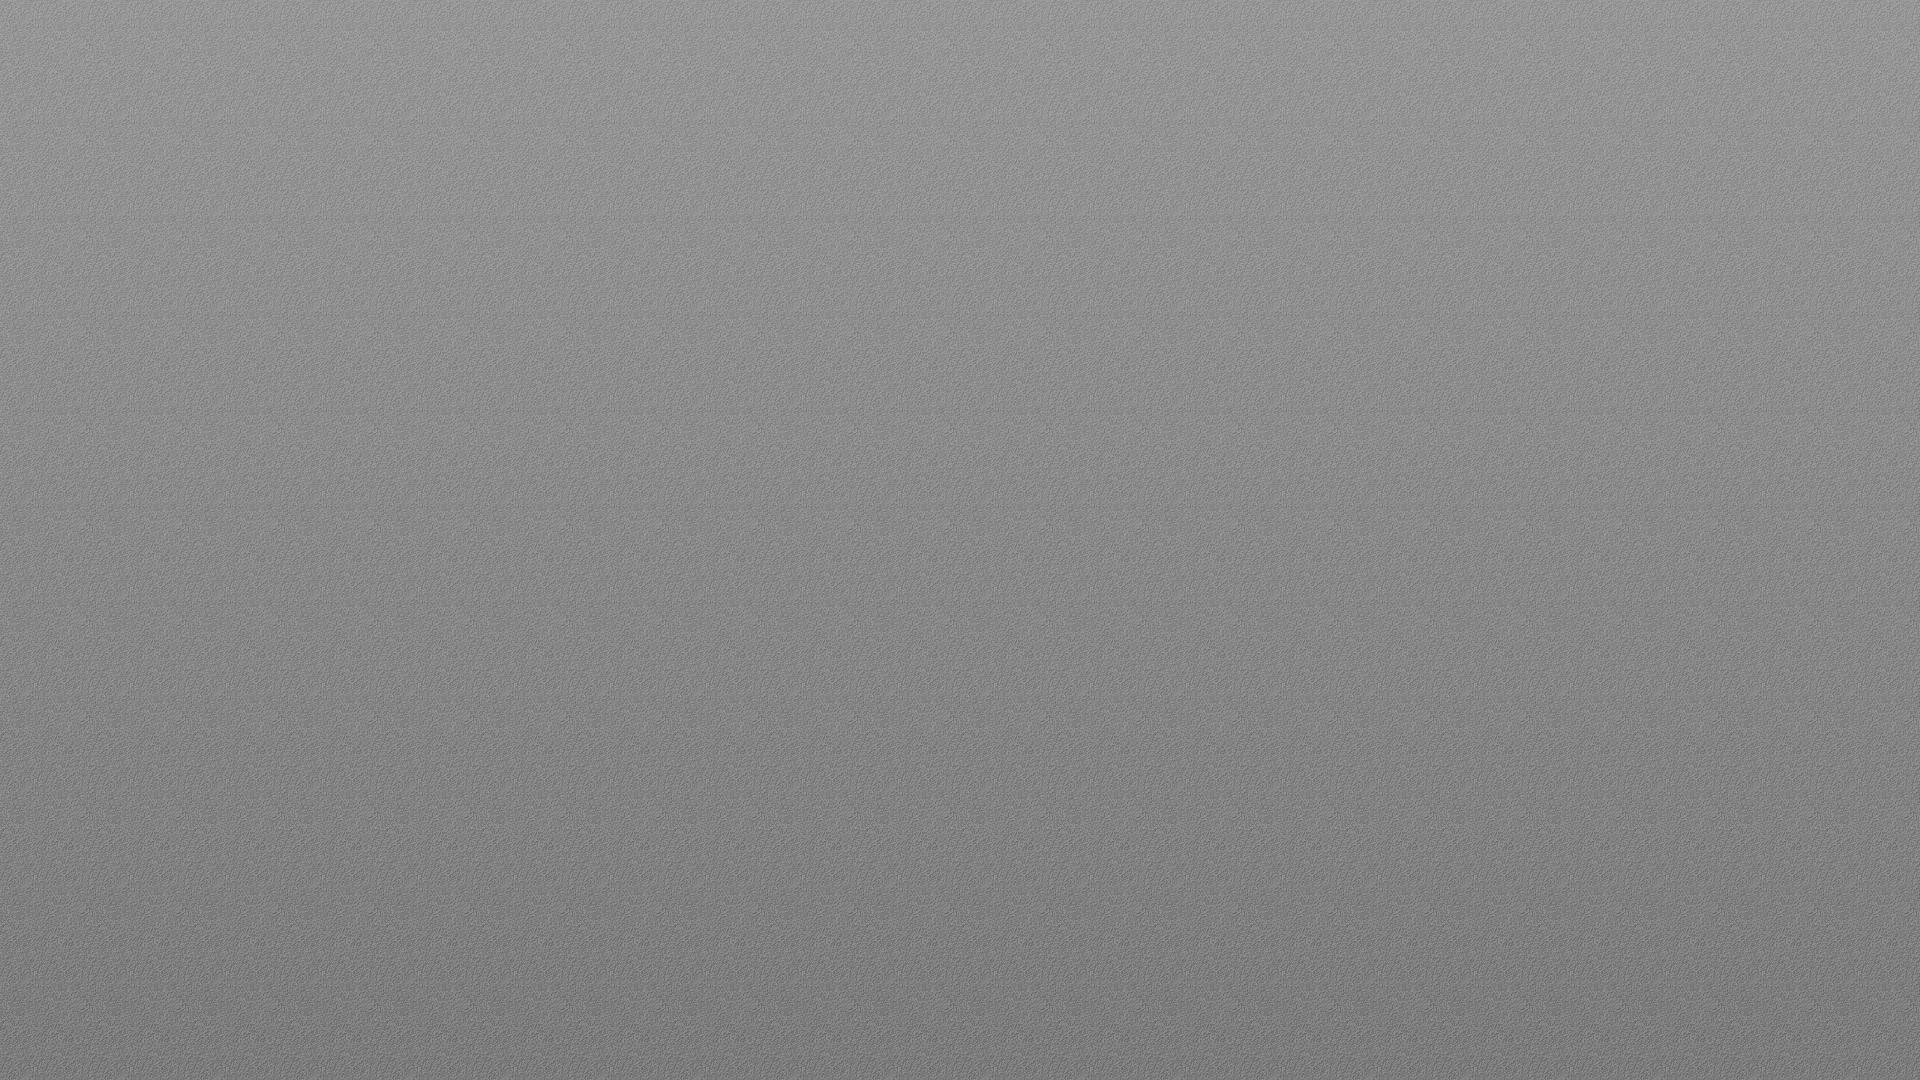 グレーのグラデーションの壁紙素材02 1,920px×1,080px